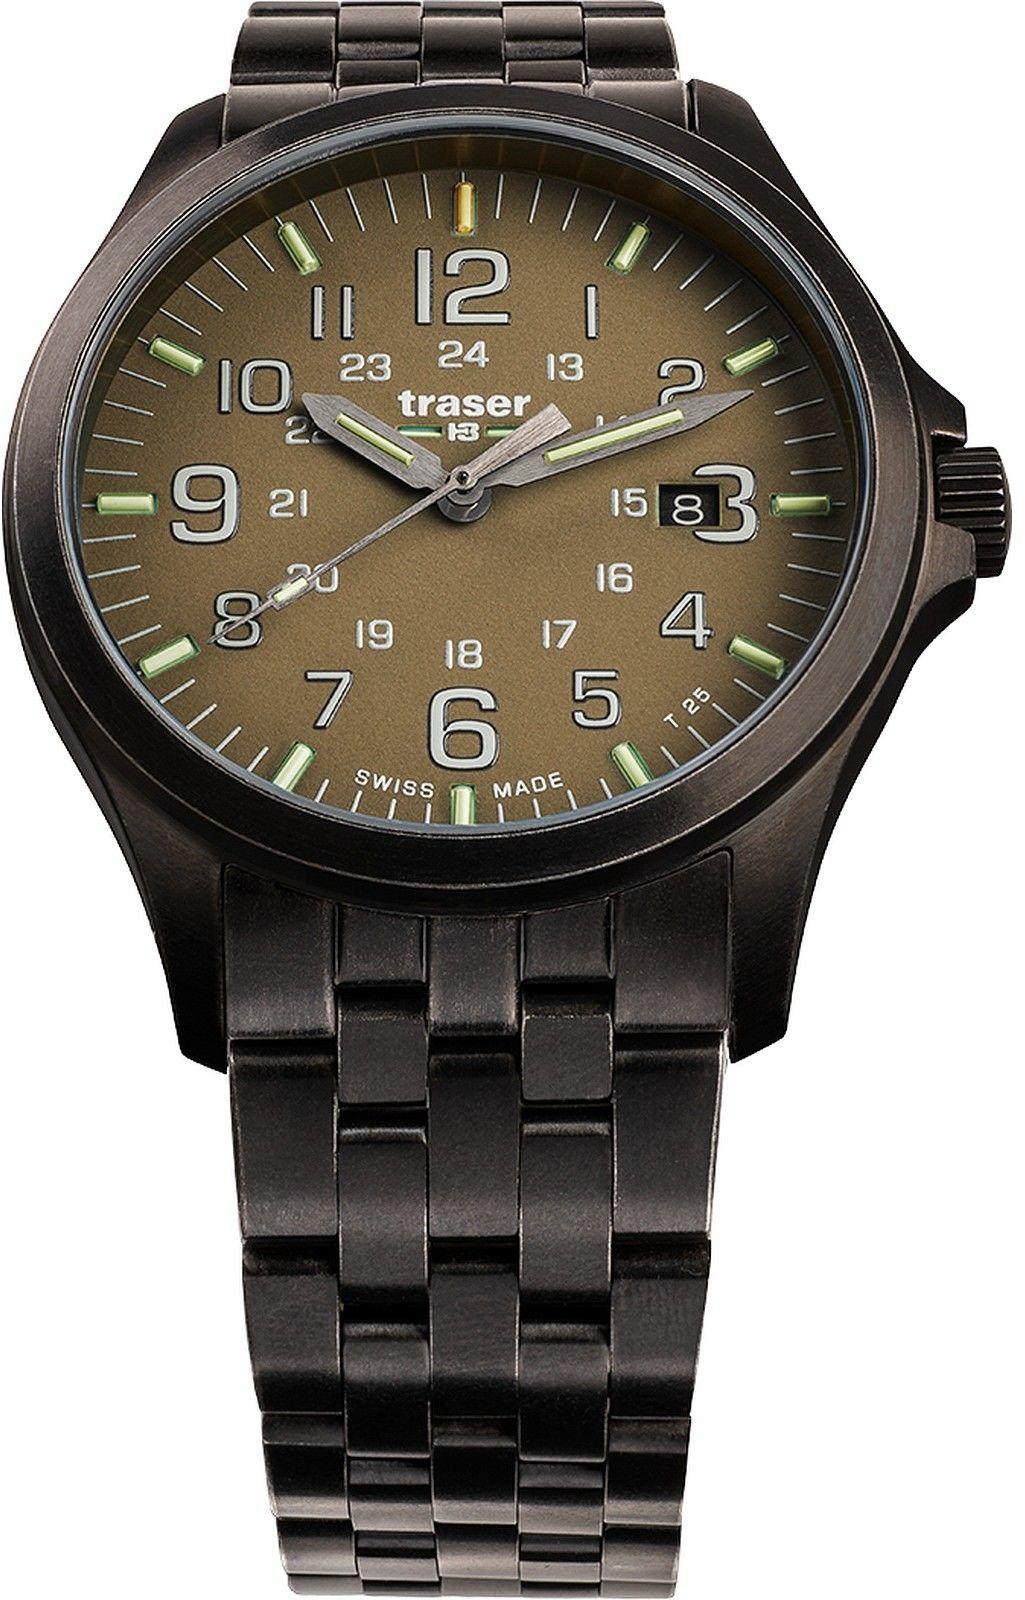 Zegarek Traser TS-108738 P67 OfficerGun Khaki - CENA DO NEGOCJACJI - DOSTAWA DHL GRATIS, KUPUJ BEZ RYZYKA - 100 dni na zwrot, możliwość wygrawerowania dowolnego tekstu.